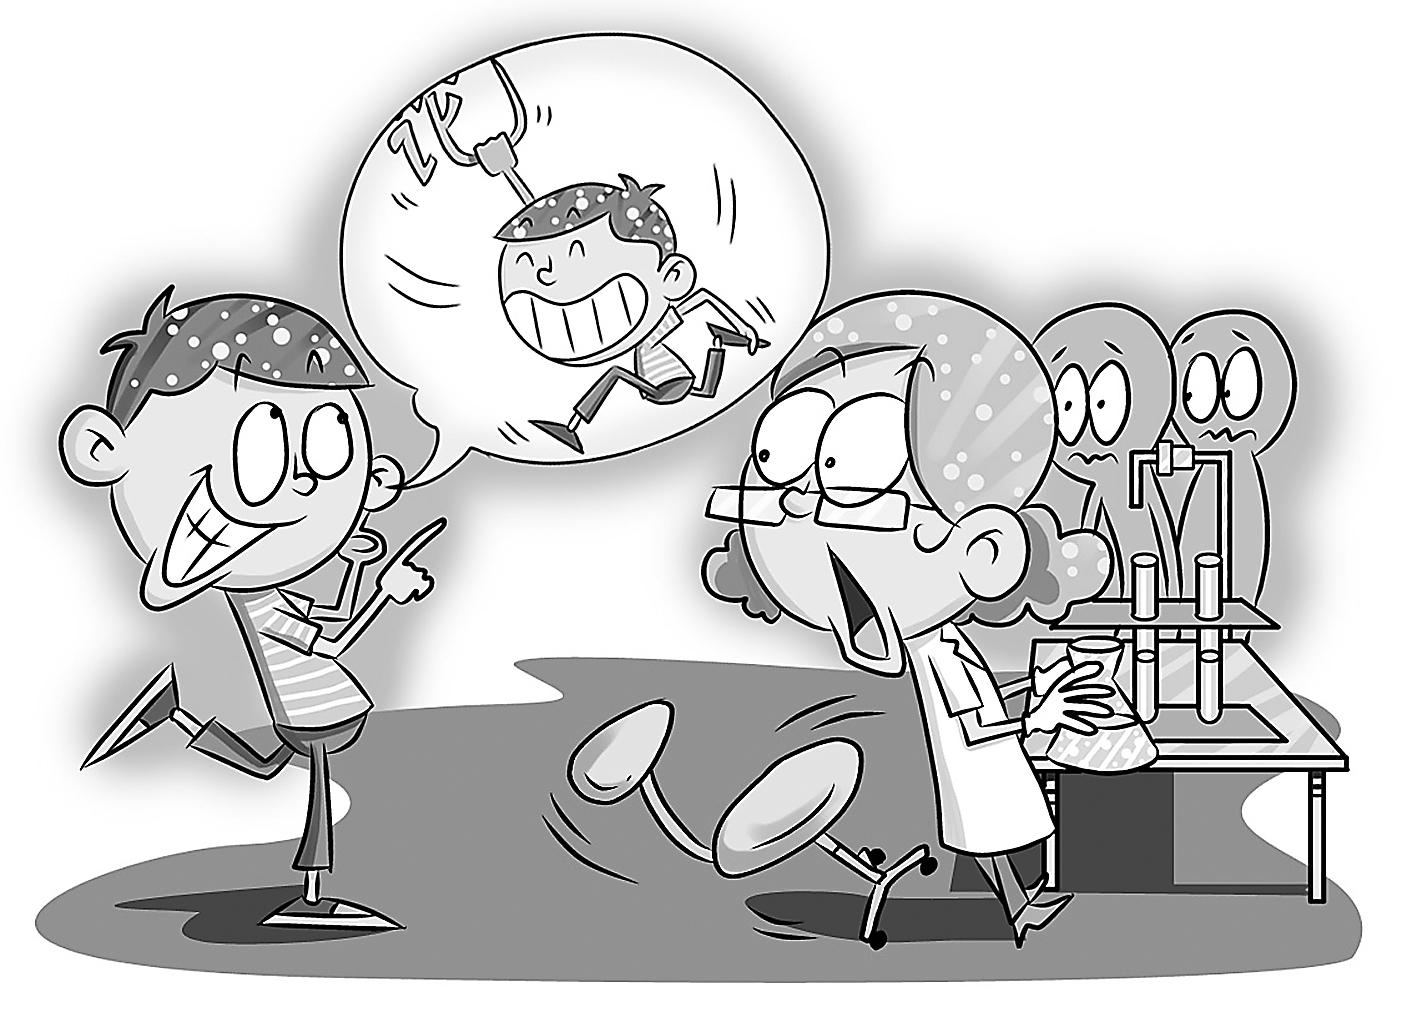 动漫 卡通 漫画 设计 矢量 矢量图 素材 头像 1417_1032